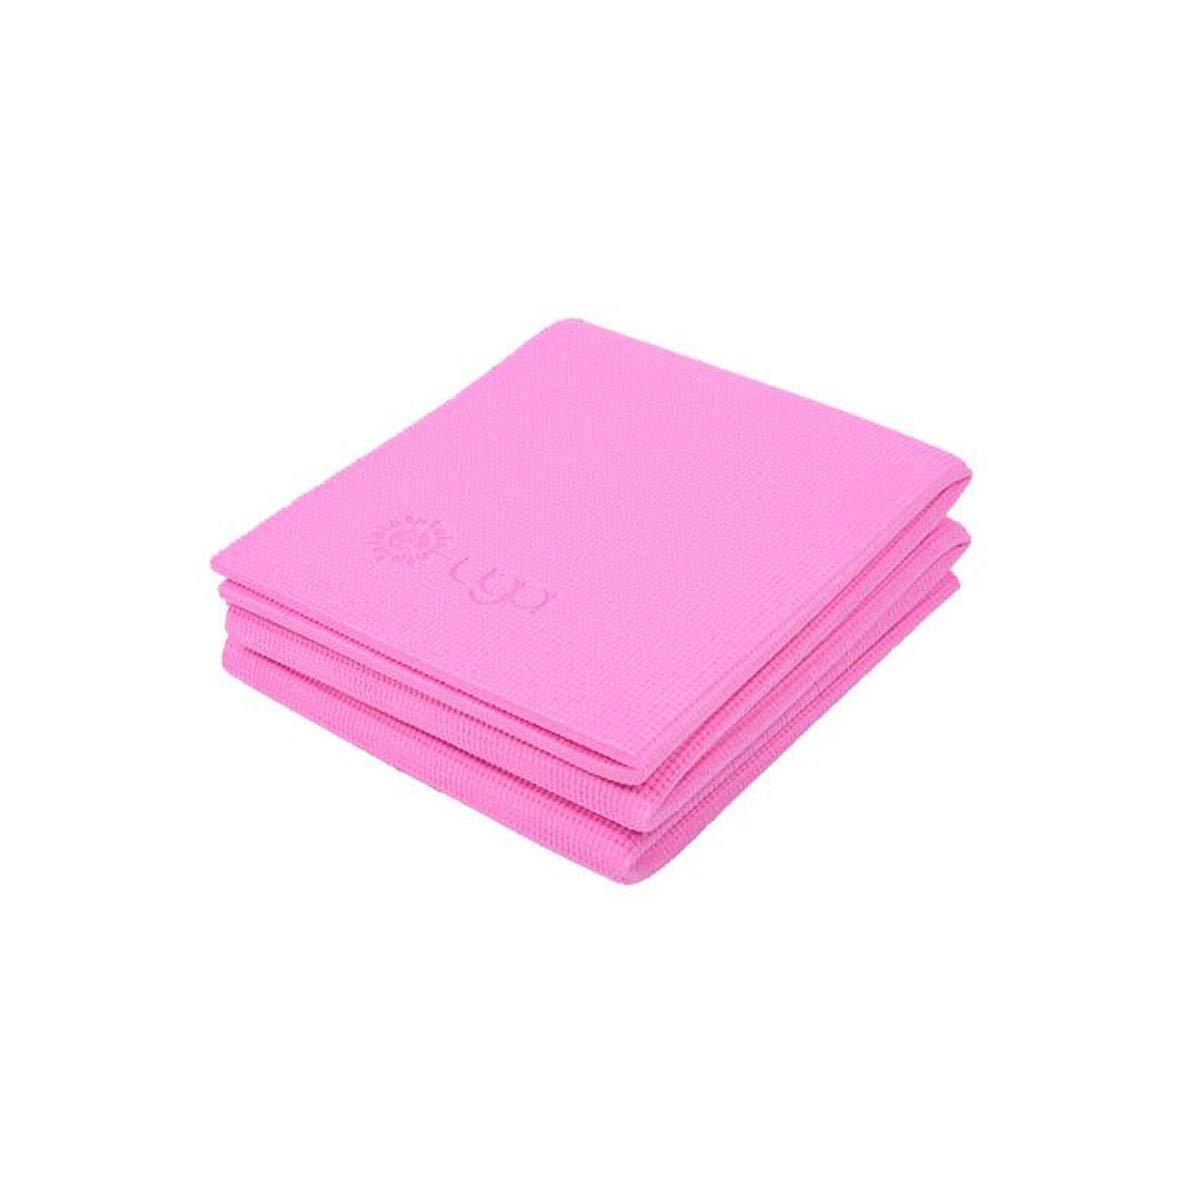 rose 8mm Xionghaizi Tapis de Yoga Pliable, PVC écologique, Tapis de Sport, Tapis de Yoga portable Professionnel pour Homme et Femme Rose 8mm Derniers modèles